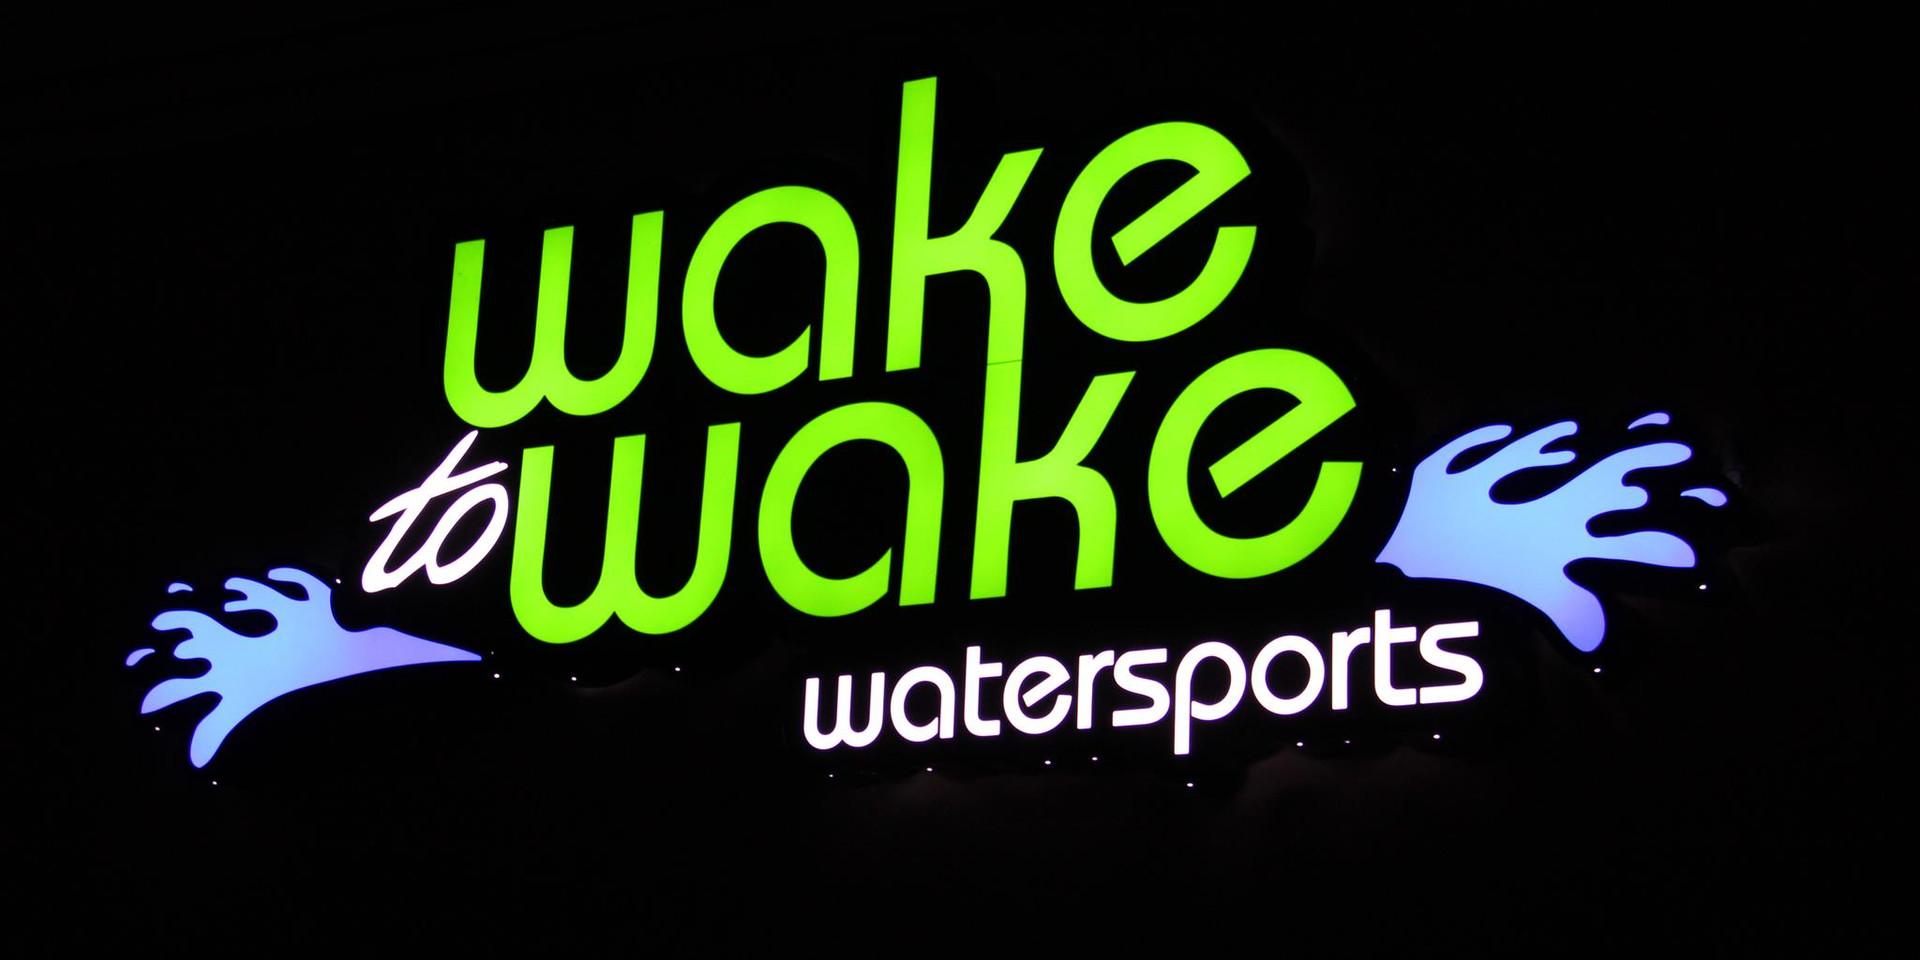 wake to wake.jpg